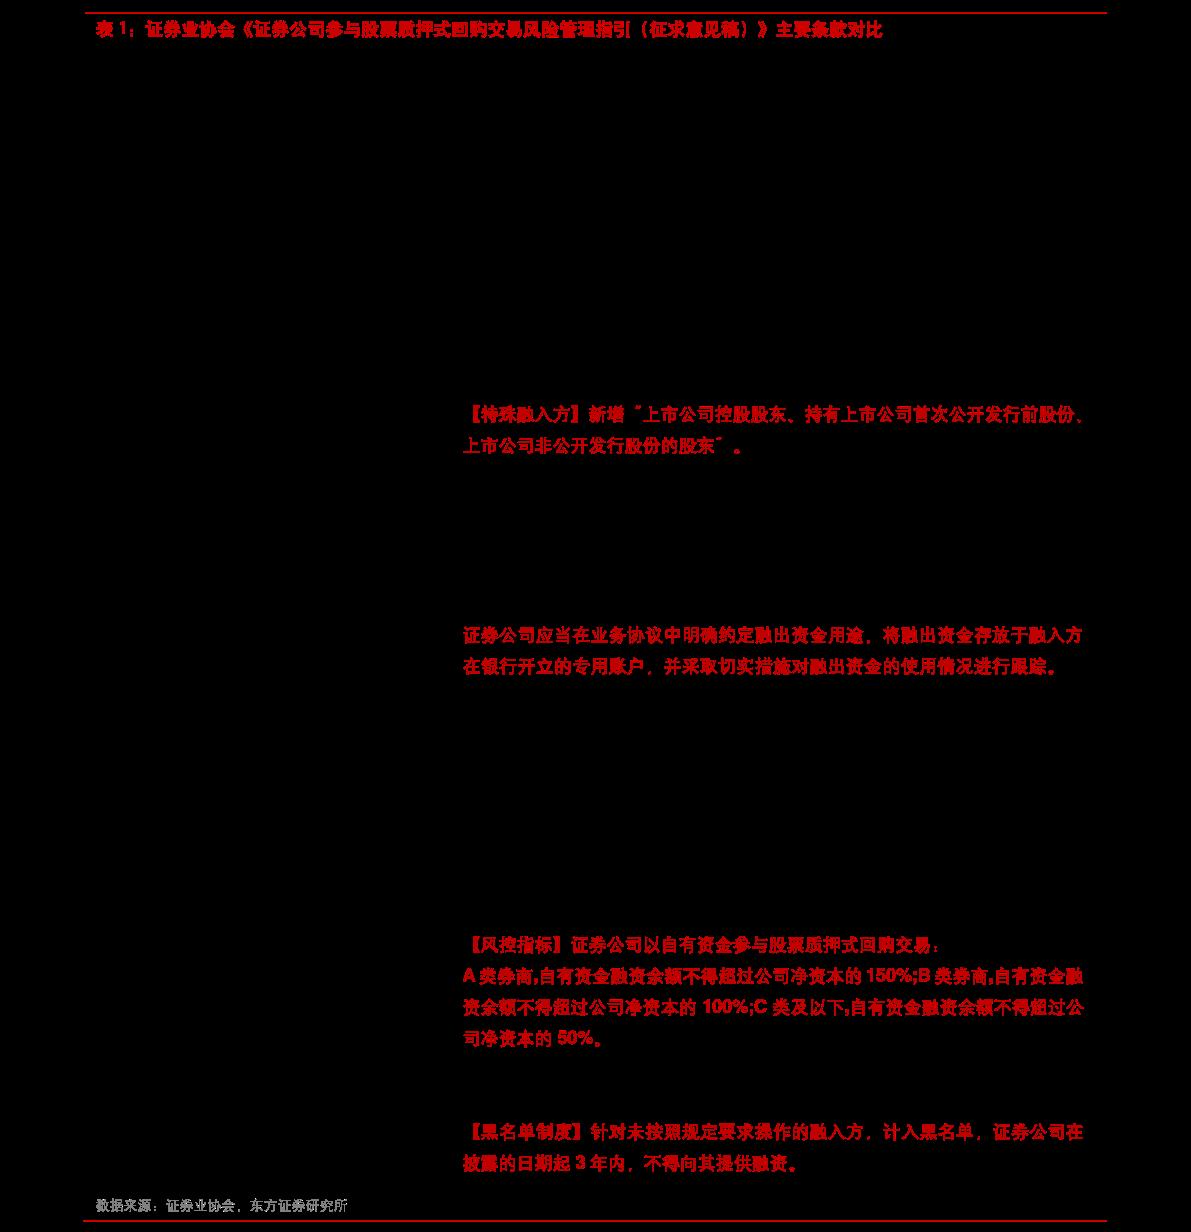 炒股经典书籍排行榜(股票中的做空是什么意思)插图2